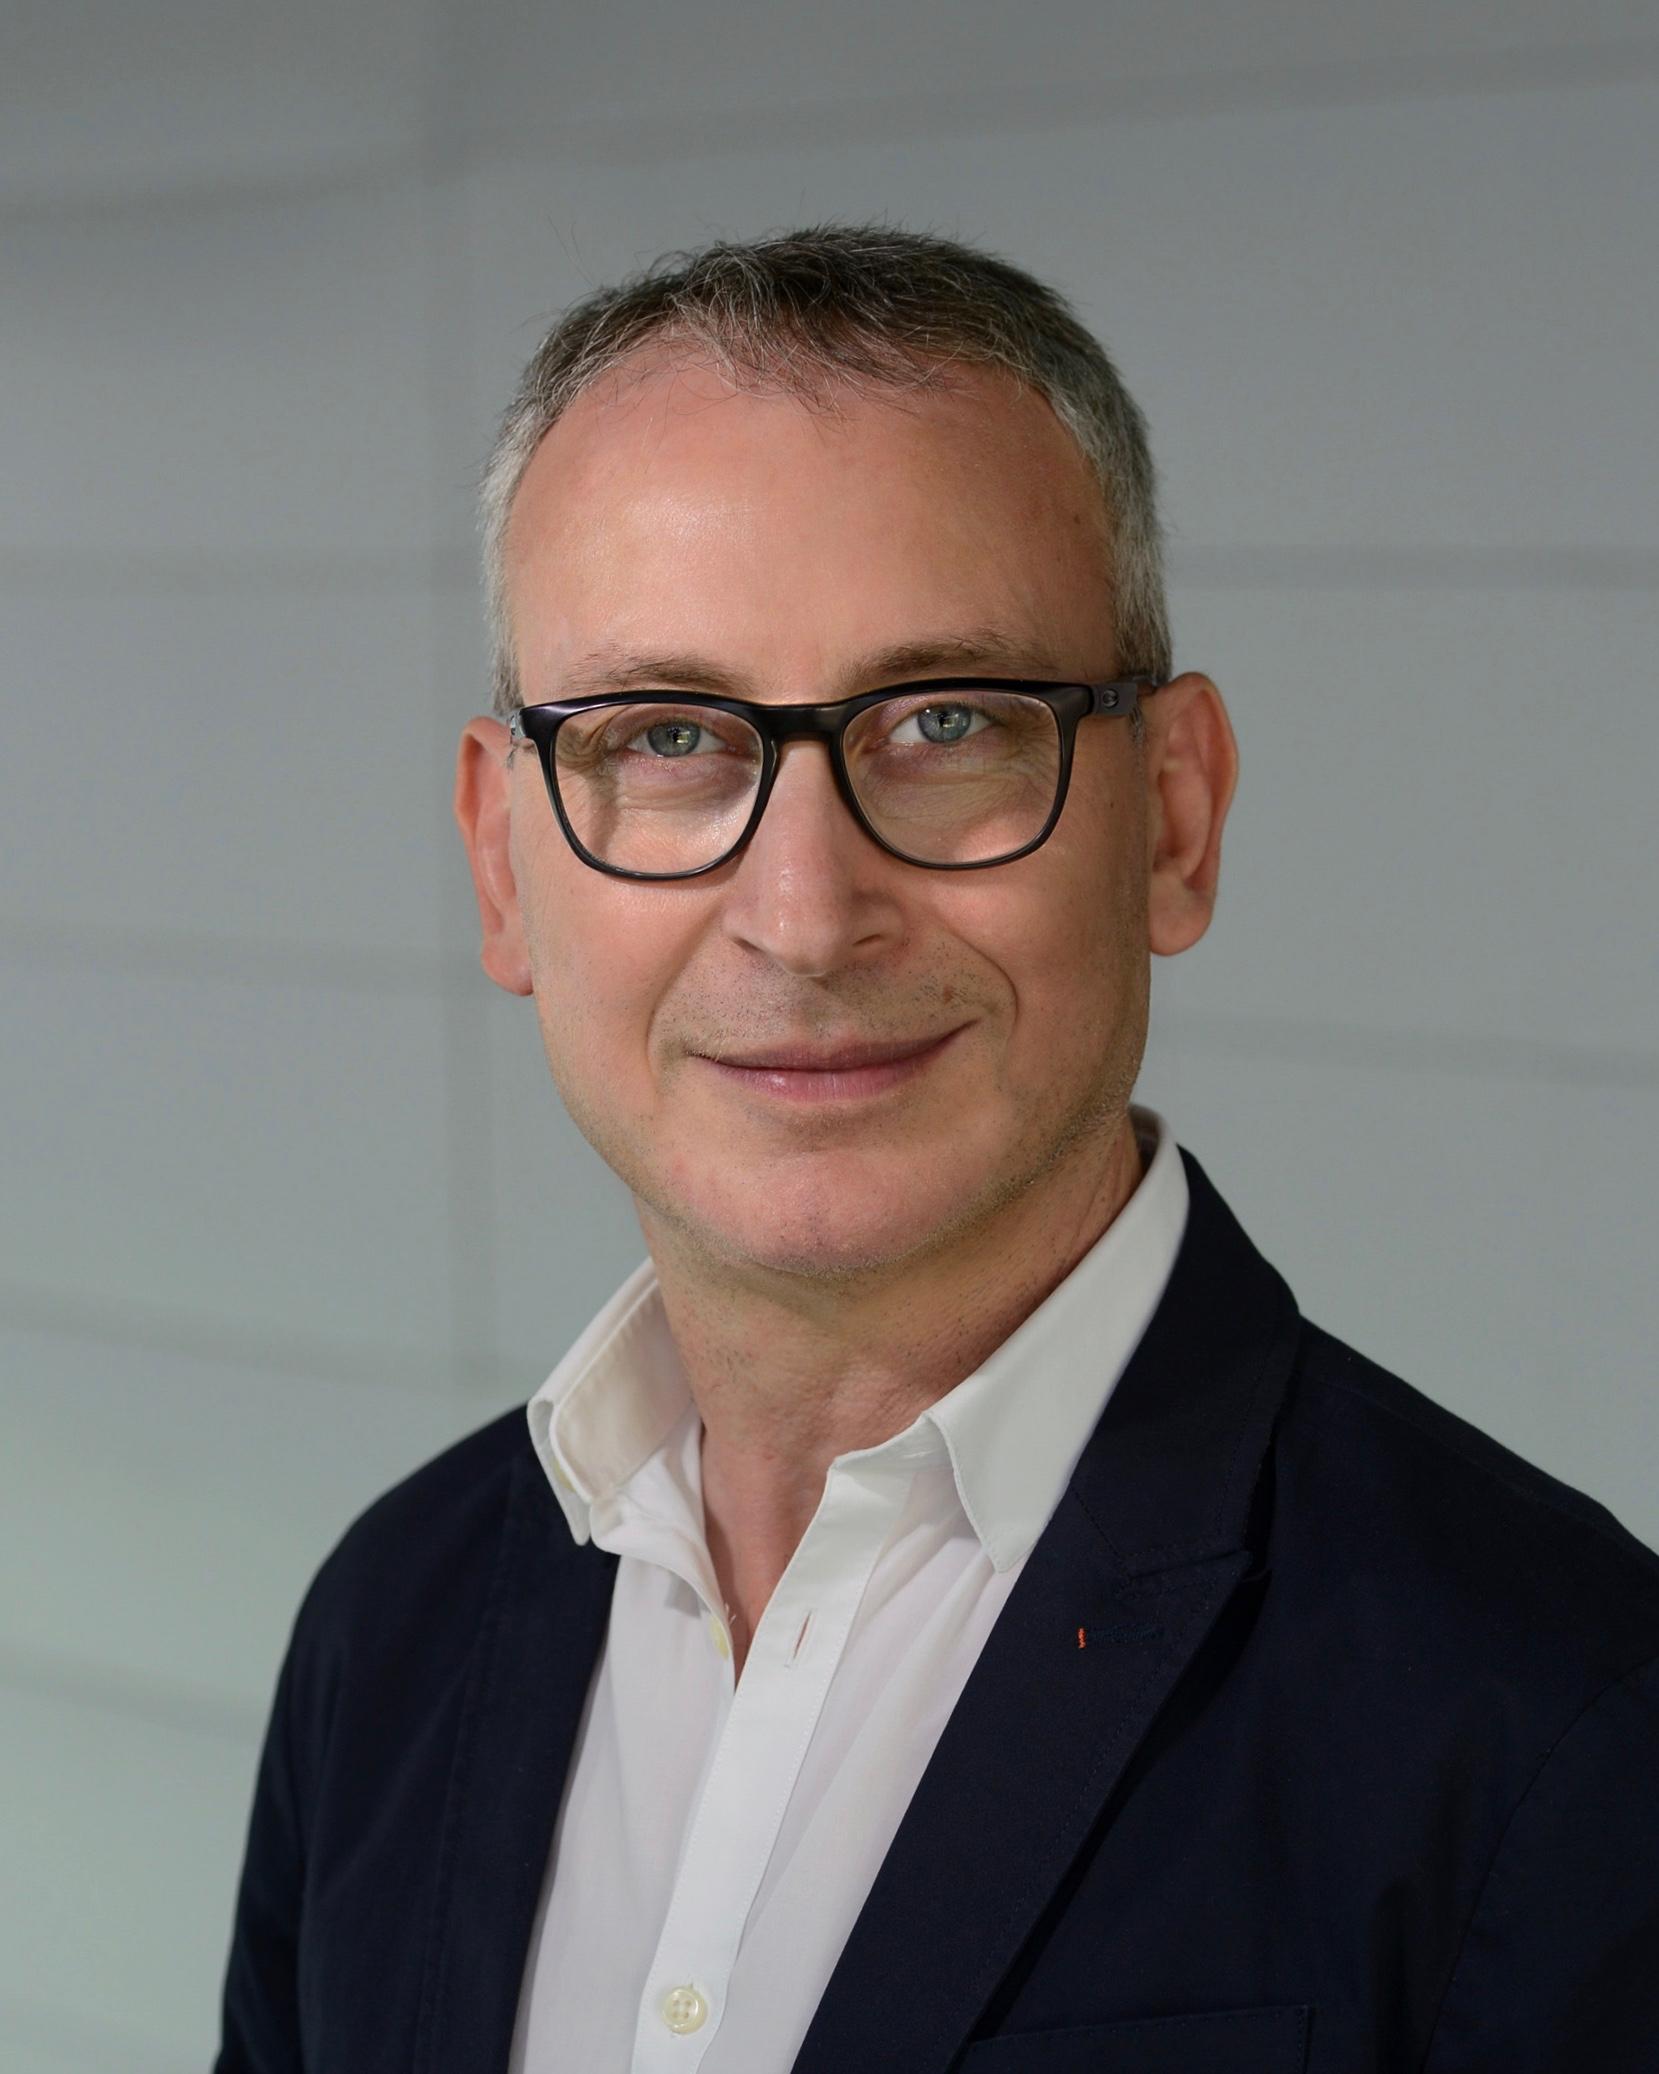 Giovanni Coticchio, PhD.